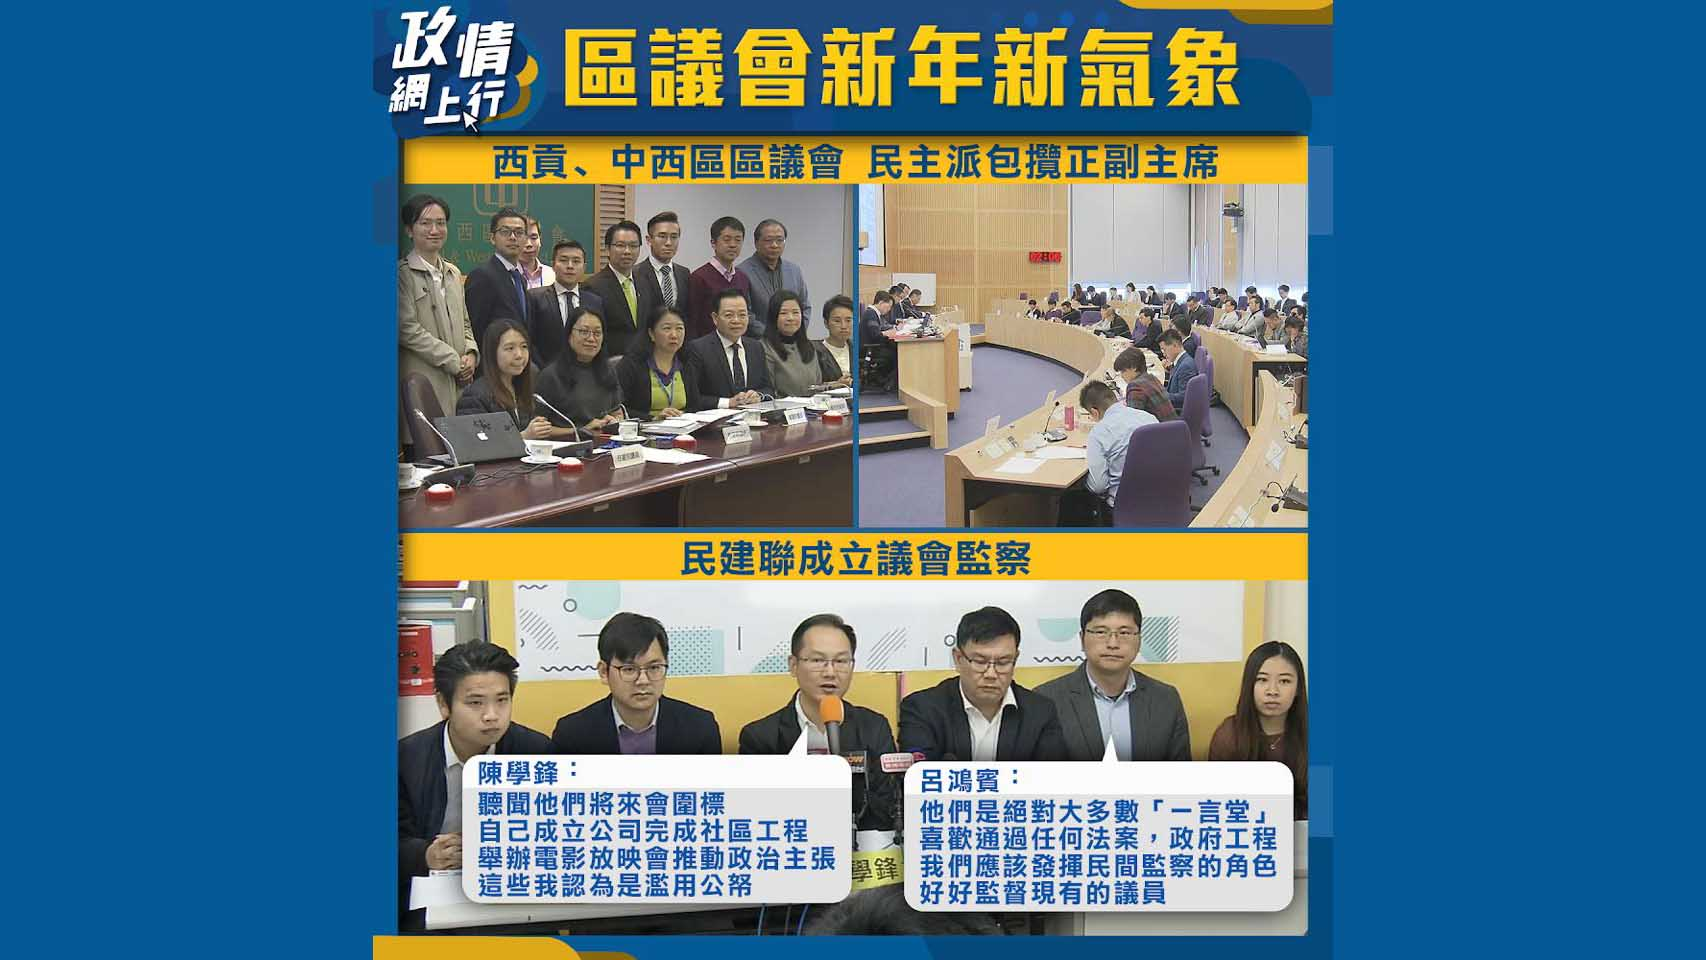 【政情網上行】區議會新年新氣象